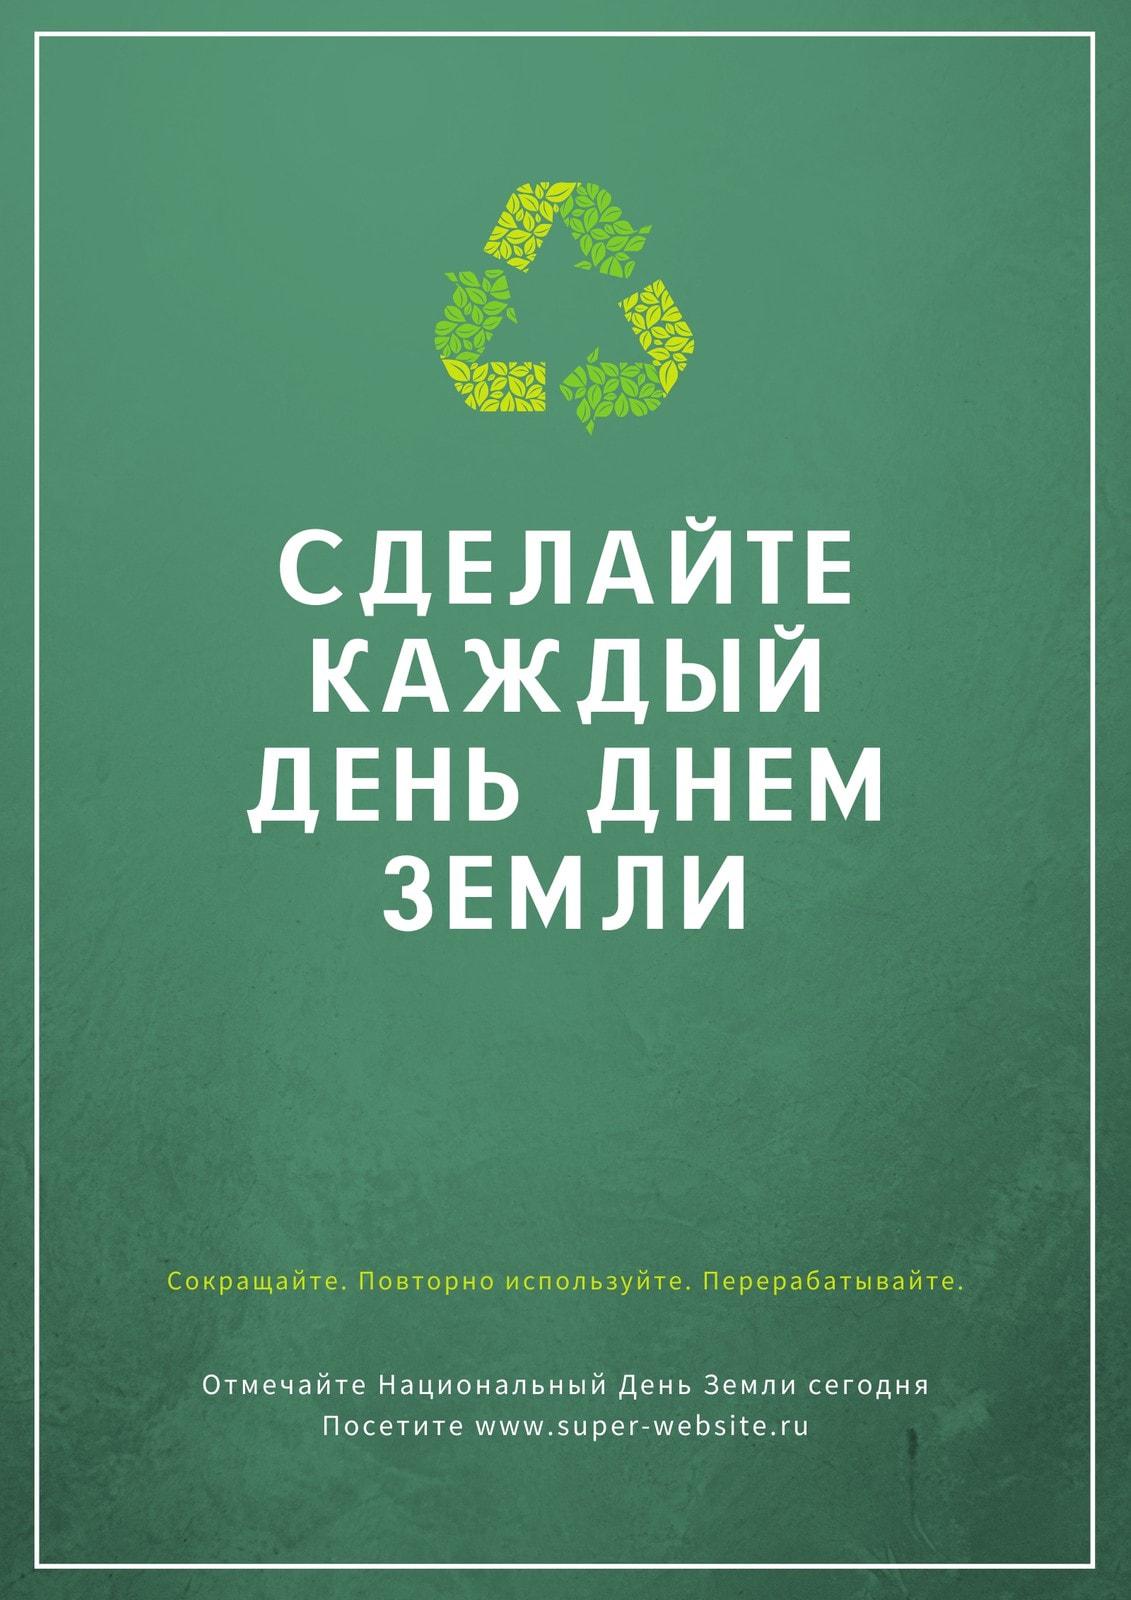 Плакат ко Дню Земли зеленого цвета с изображением доски